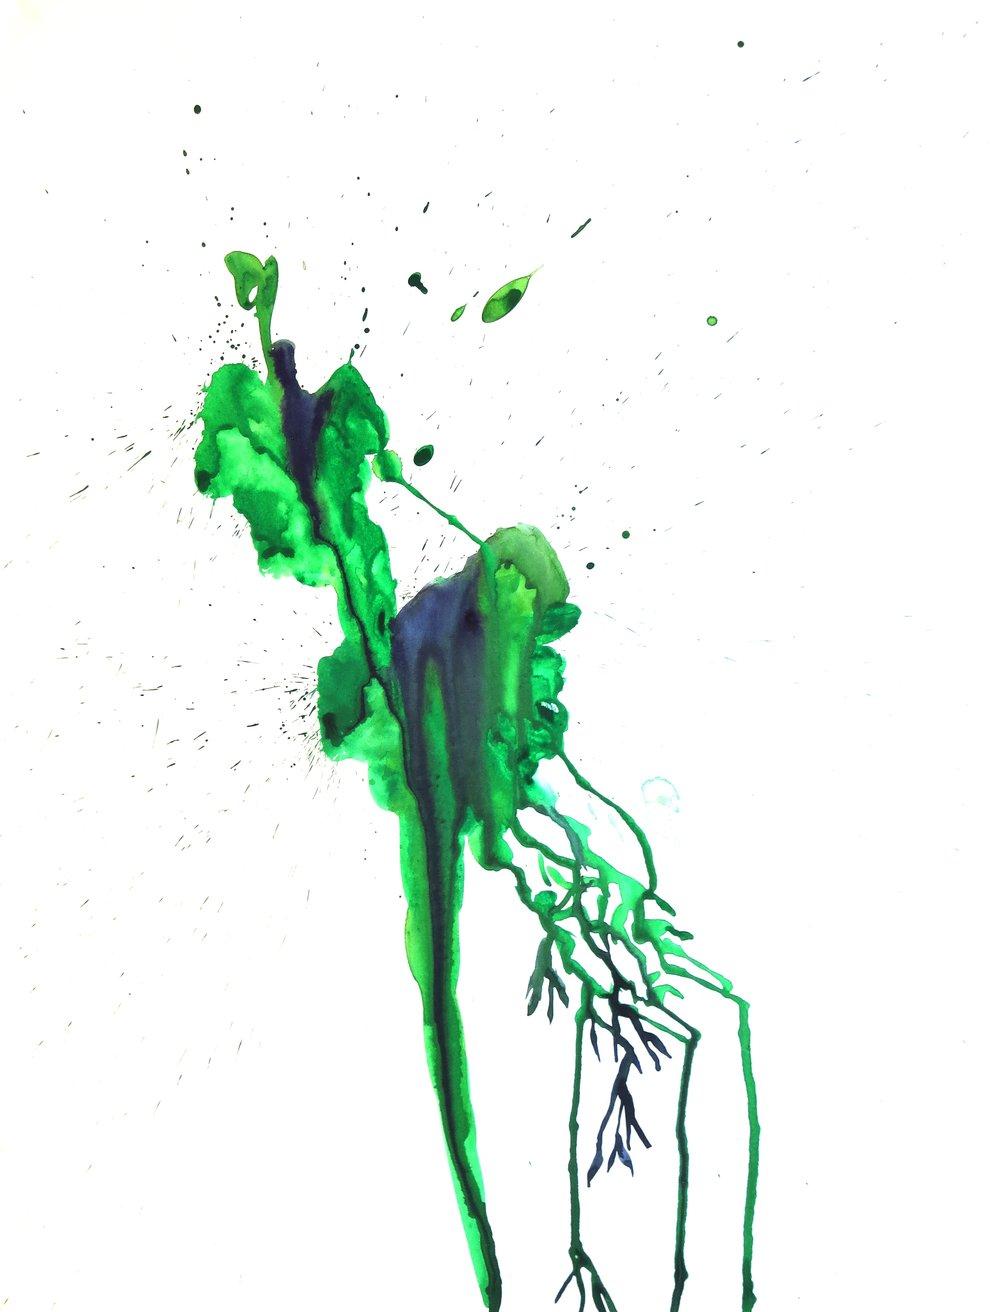 eros painting peinture_18.JPG